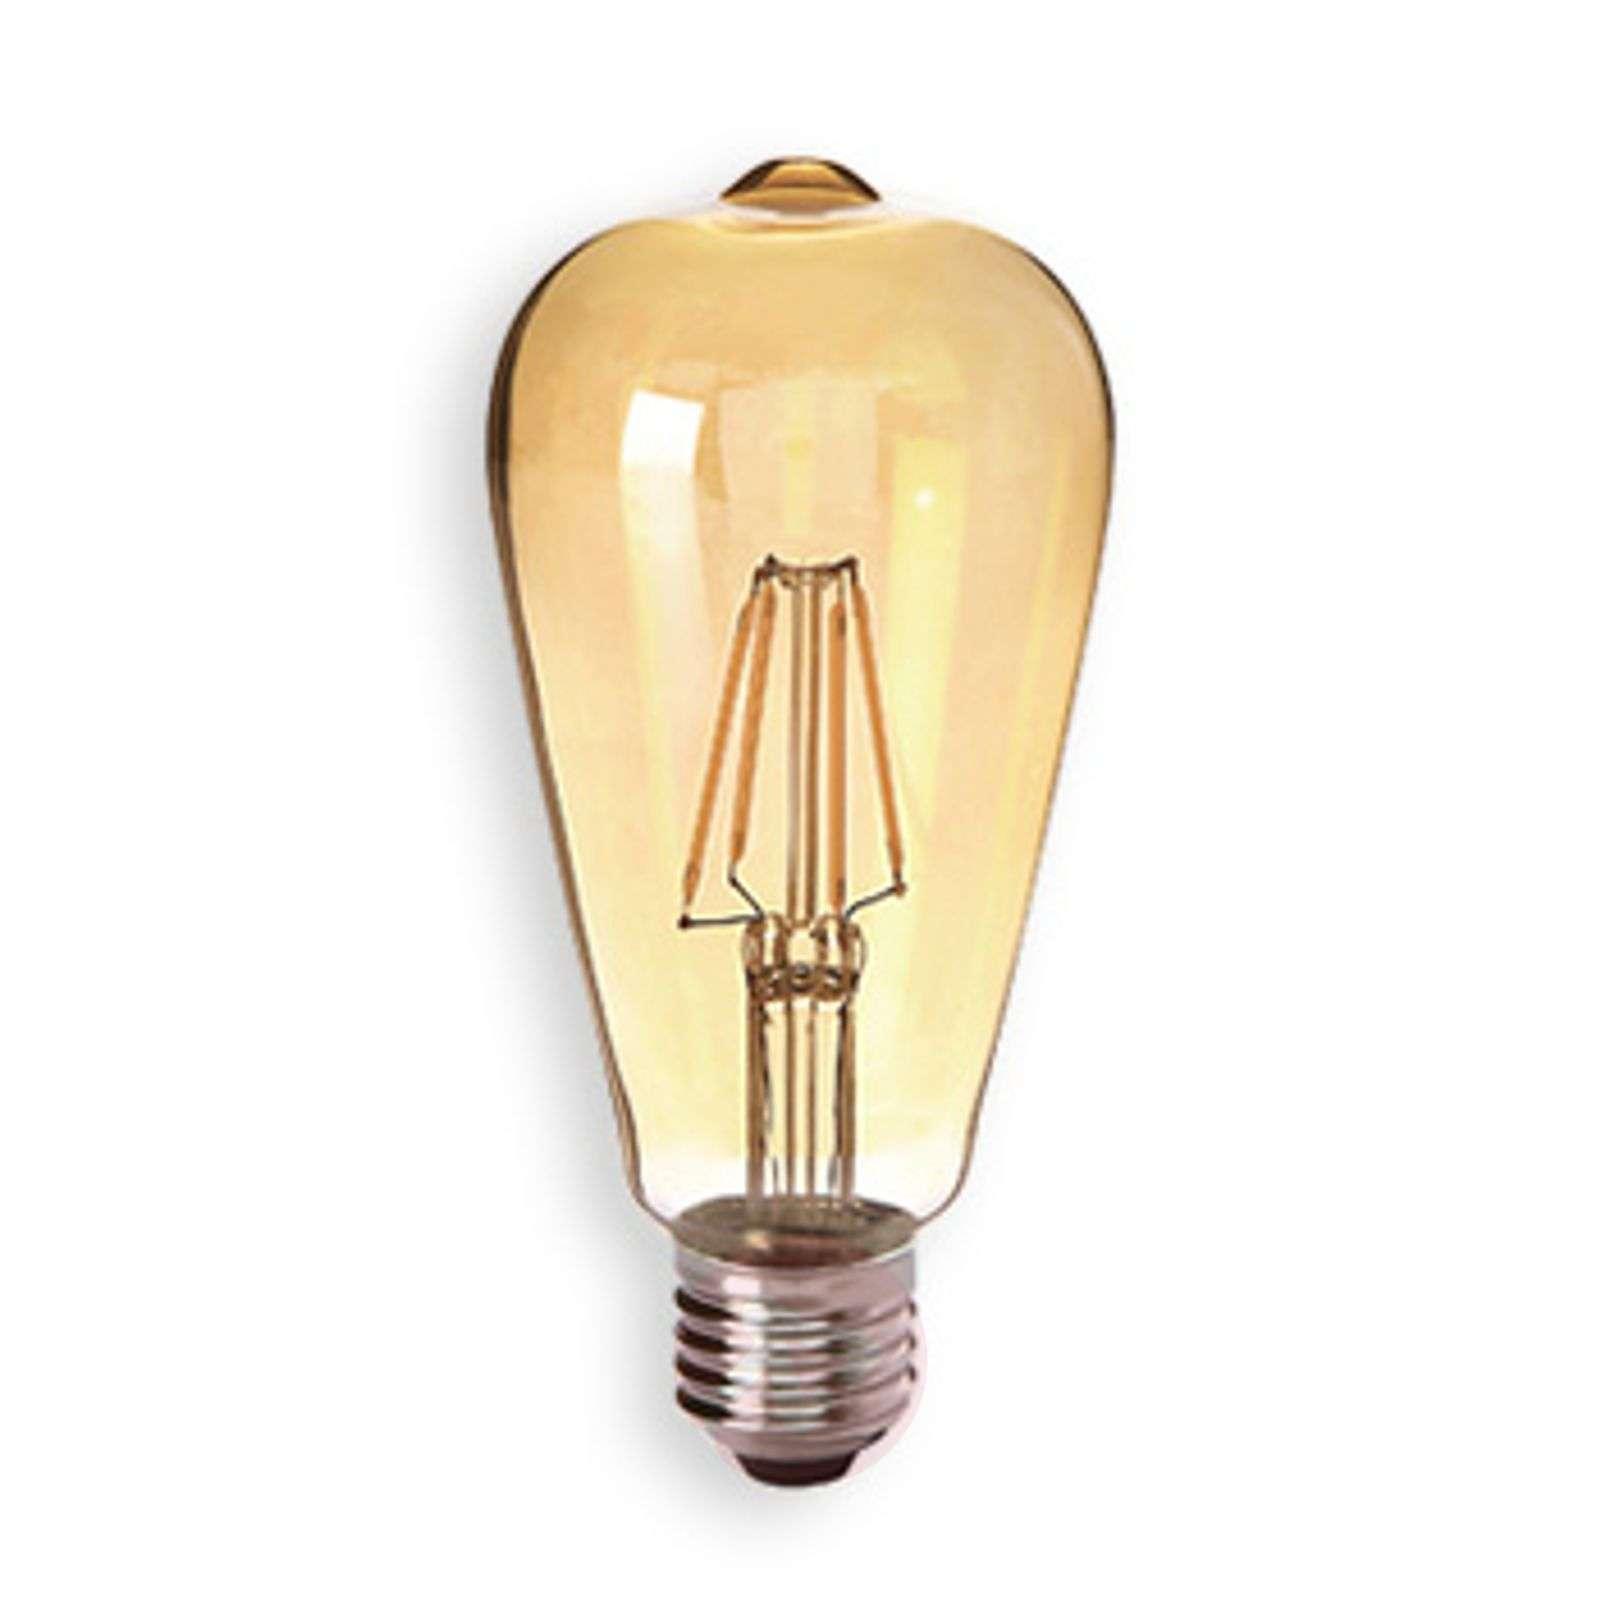 E27 4 W 824 LED lamp Gold, Clear-8530167-01